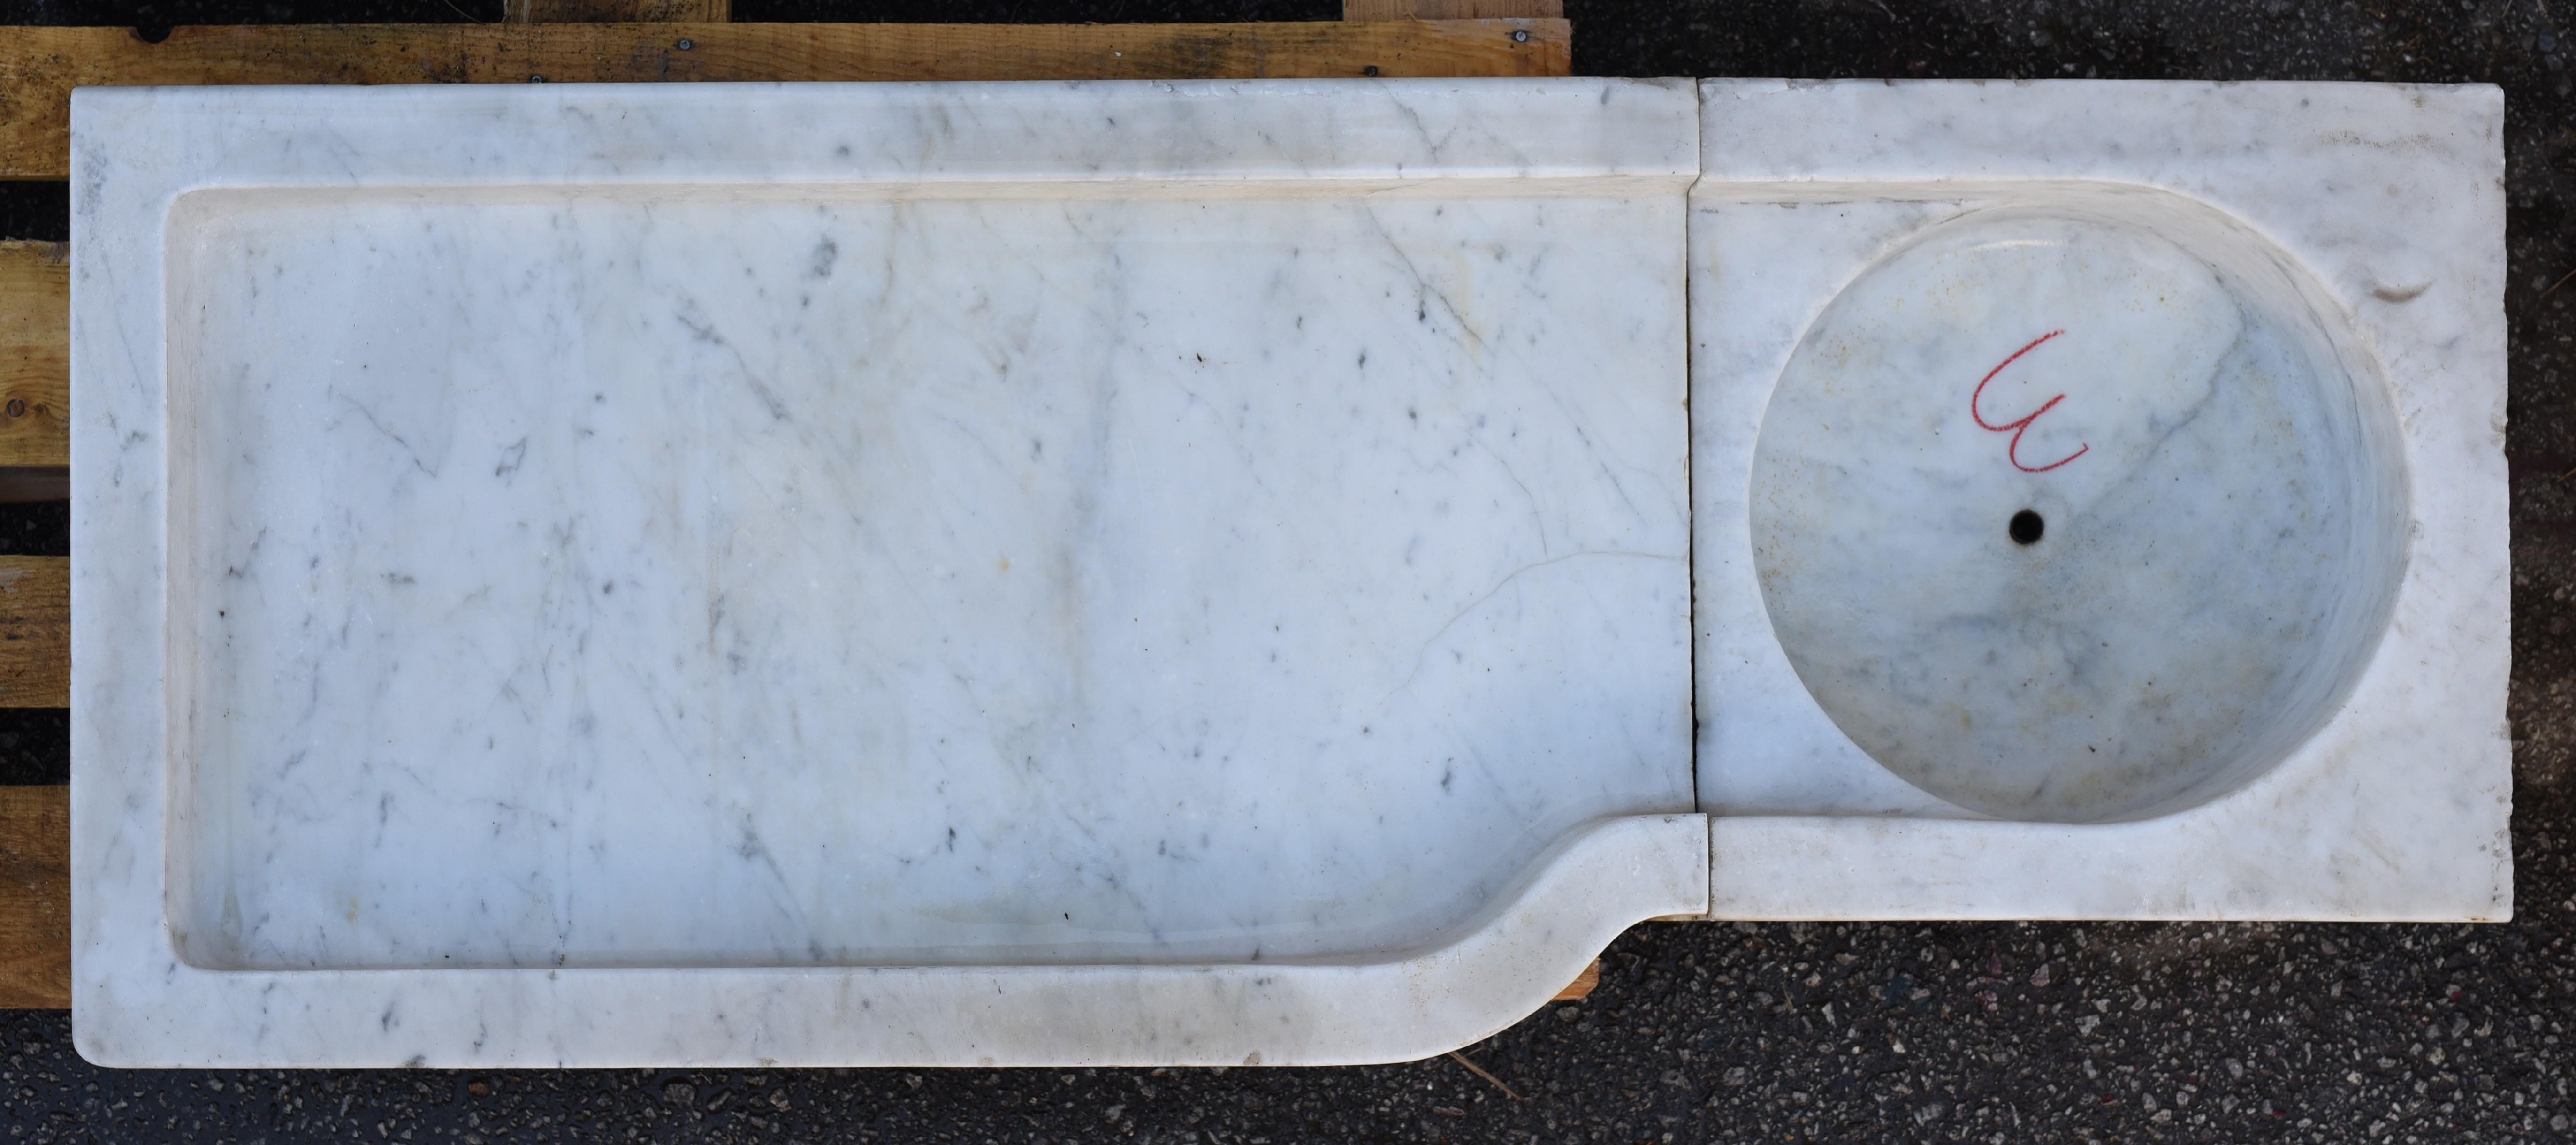 Mensole In Marmo Per Termosifoni lavandino ligure 3 in marmo bianco di carrara - recuperando